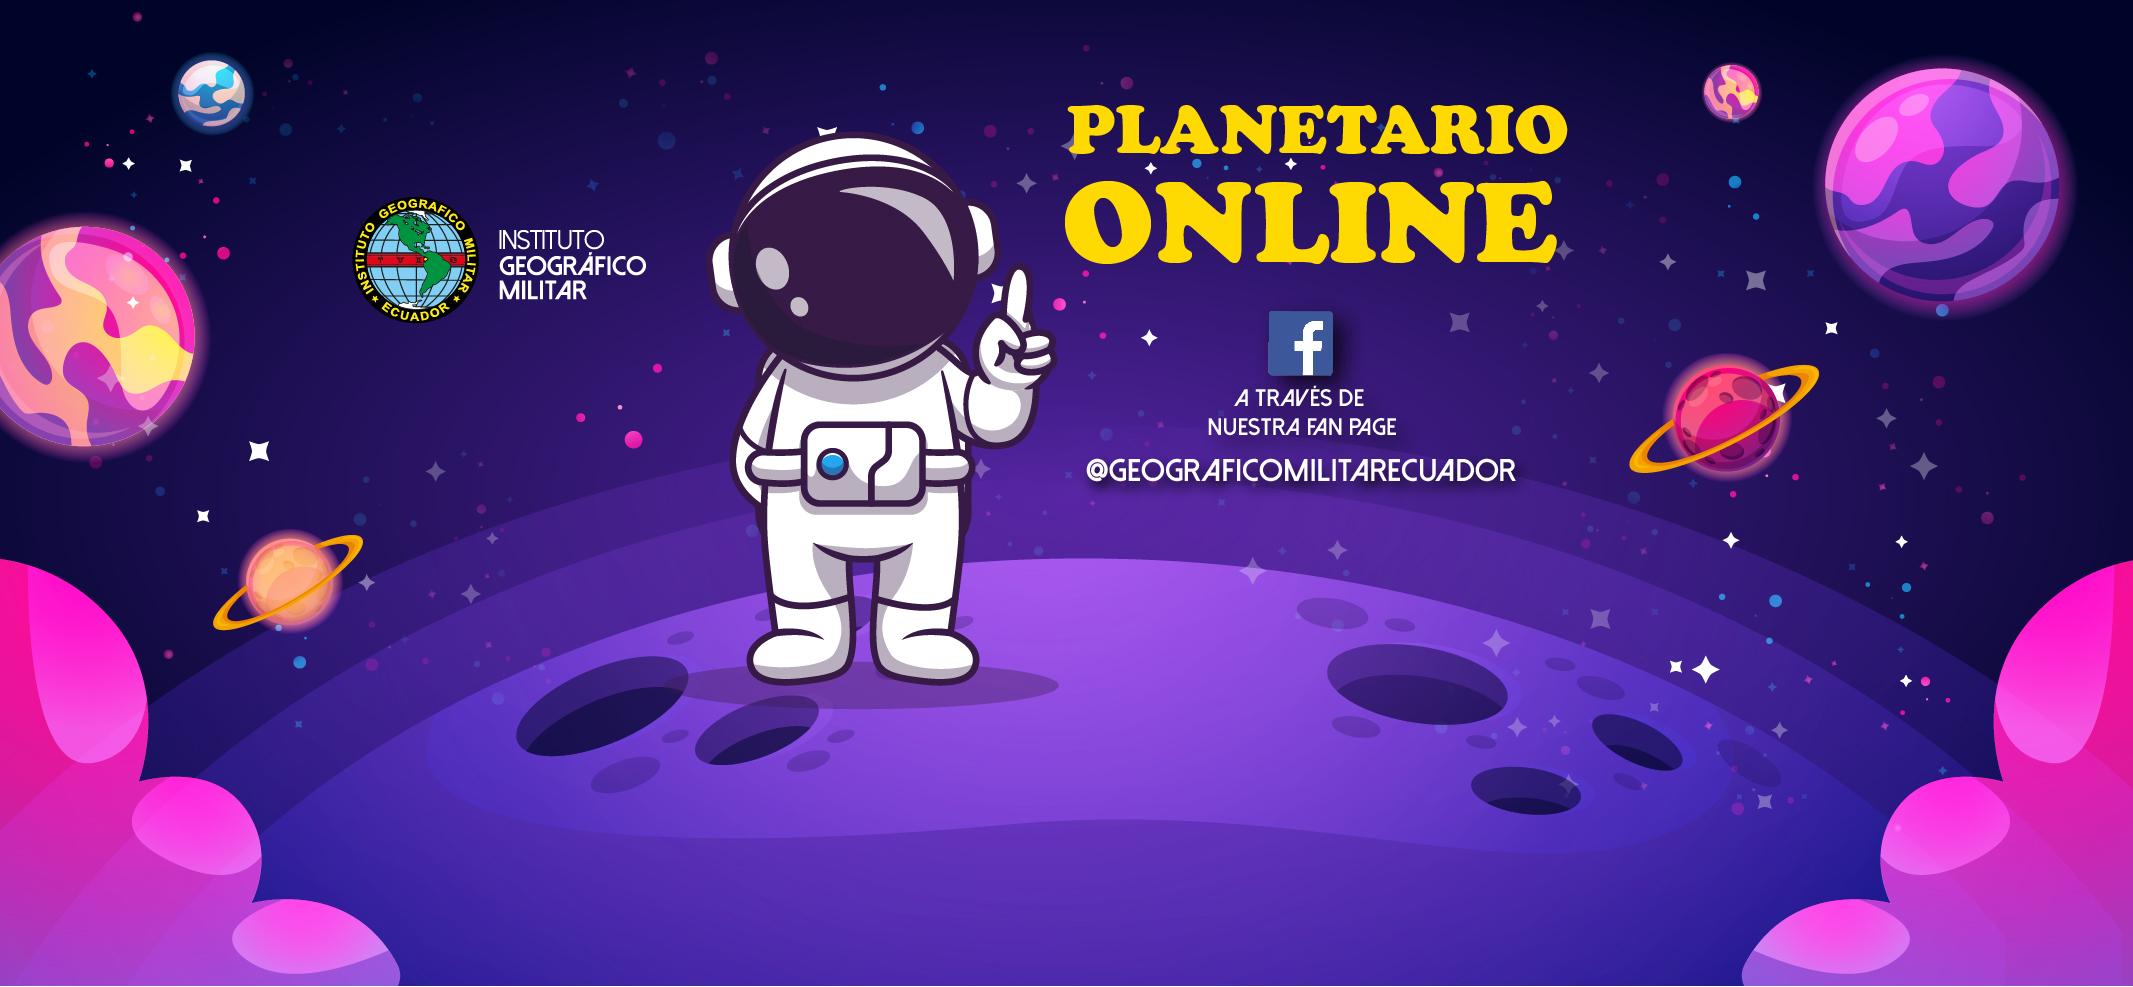 Nuevas funciones en nuestro Planetario Online - Fan Page @GeograficoMilitarEcuador